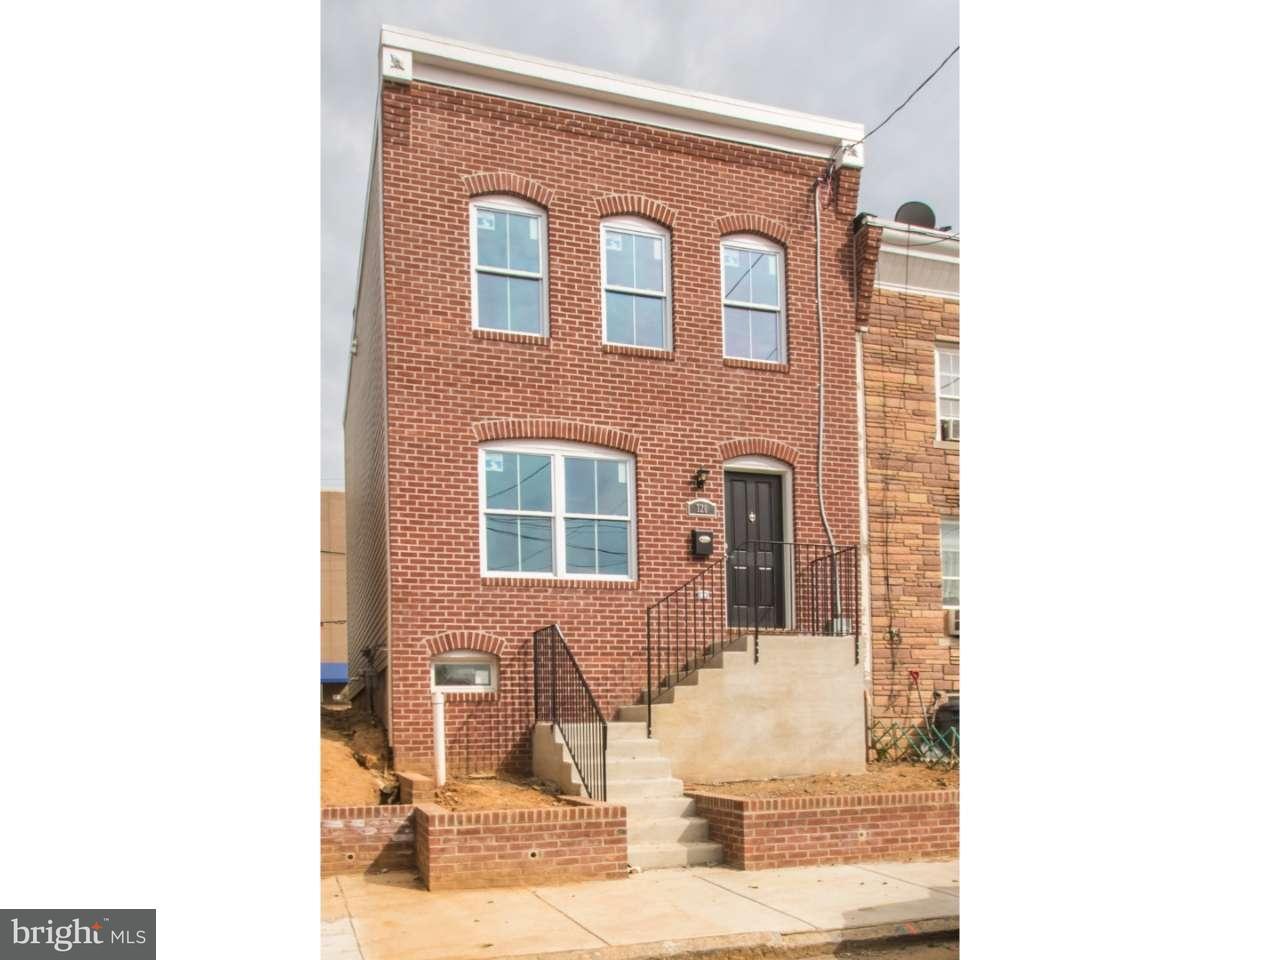 Casa unifamiliar adosada (Townhouse) por un Venta en 720 DOUGLAS Street Wilmington, Delaware 19805 Estados Unidos